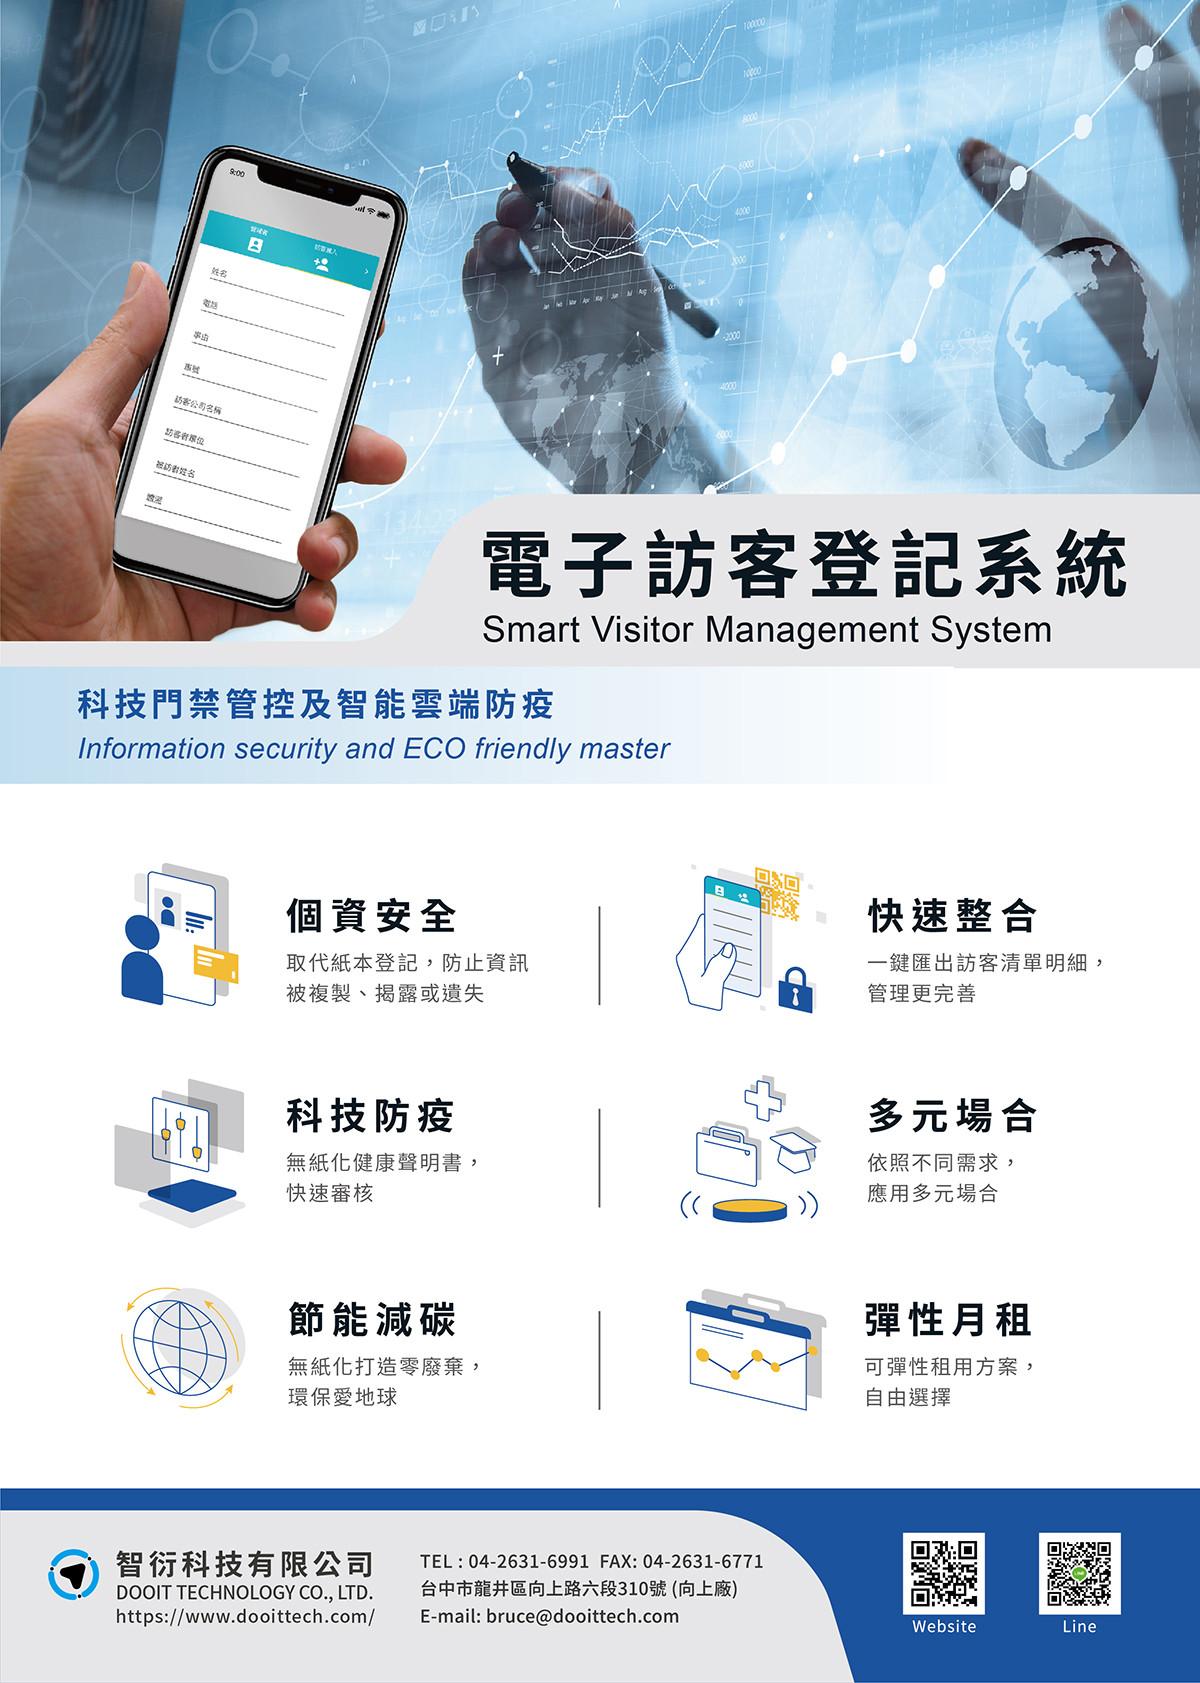 智慧訪客管理系統E_工作區域 1.jpg